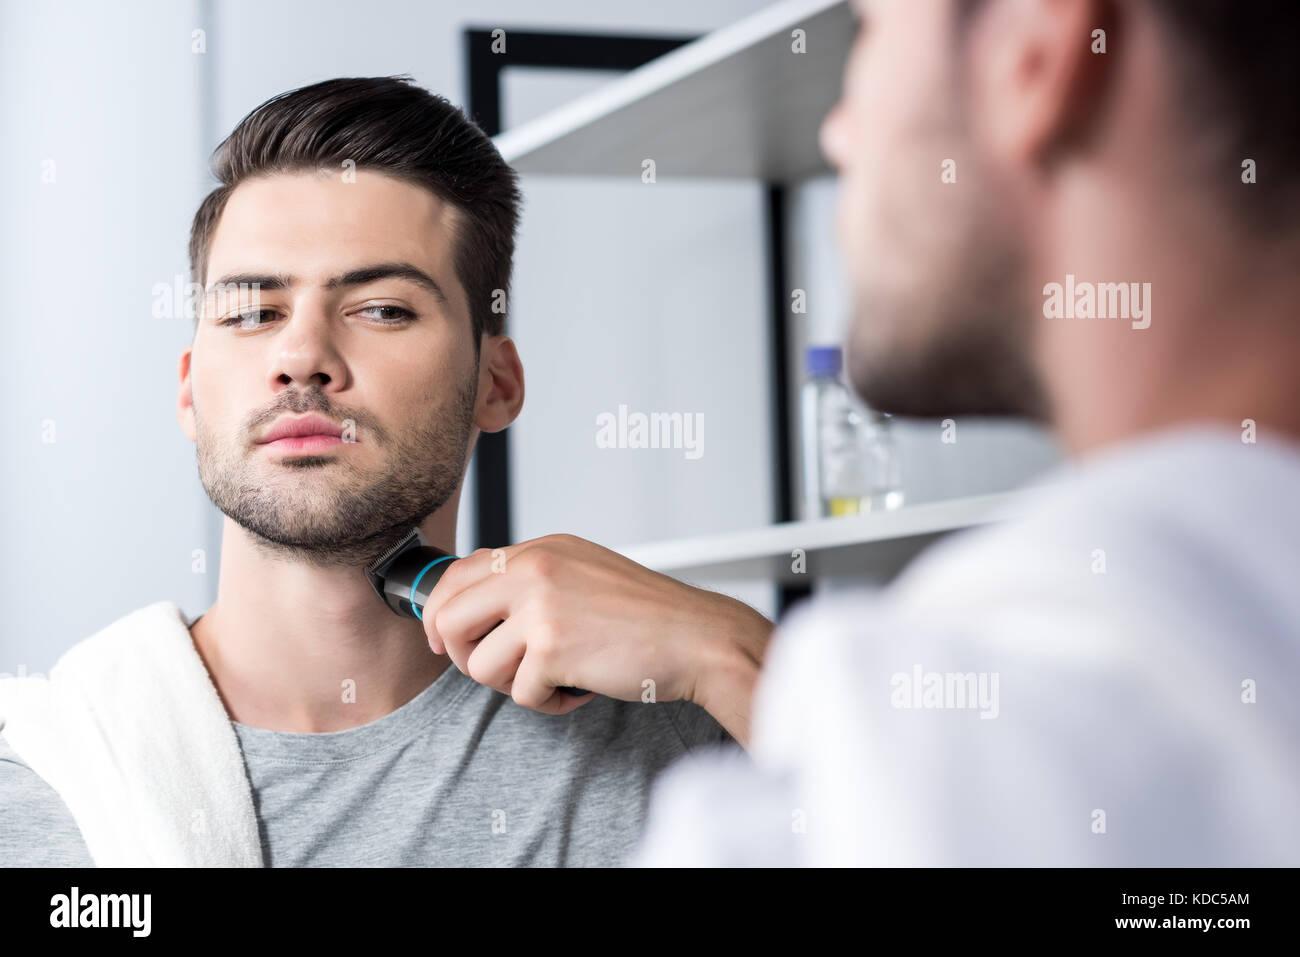 L'uomo la rasatura con rifinitore elettrico Immagini Stock